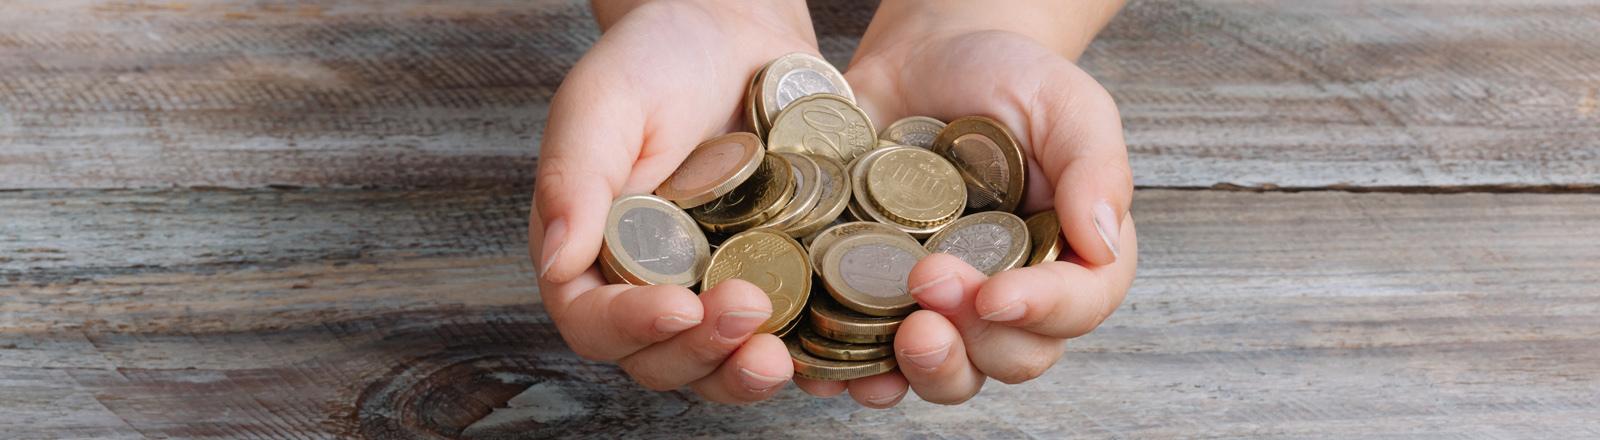 Zwei Hände voll Geld